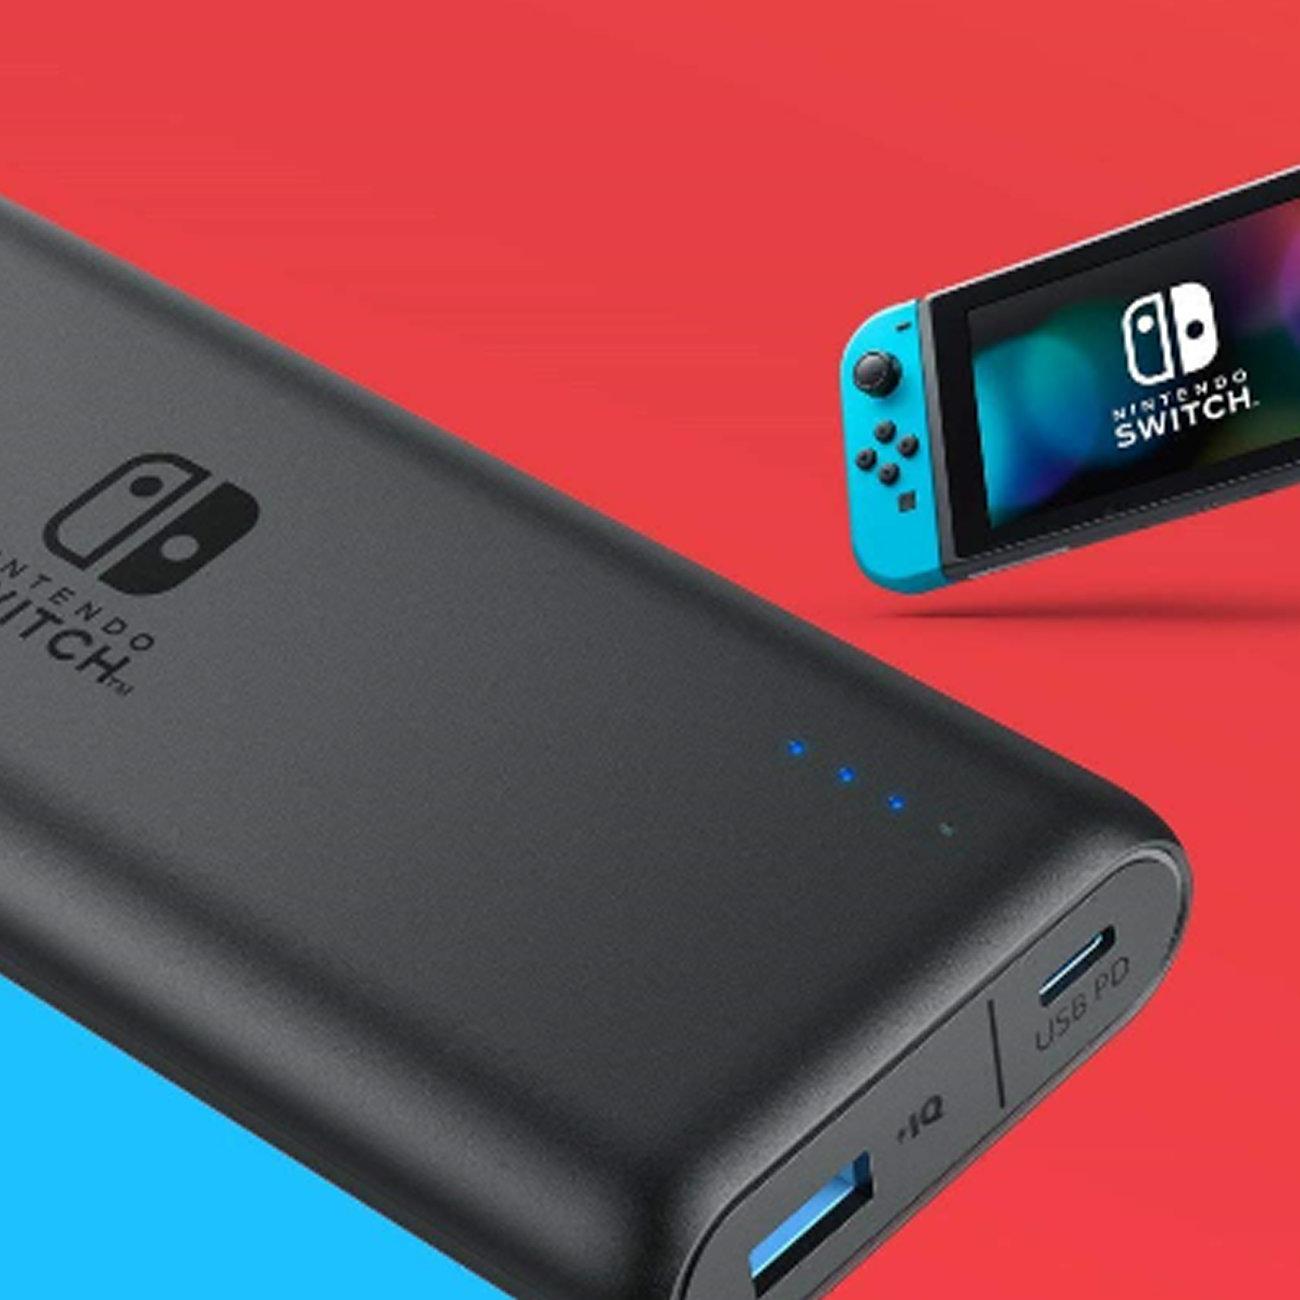 ニンテンドースイッチ、任天堂公式バッテリー半額。買う